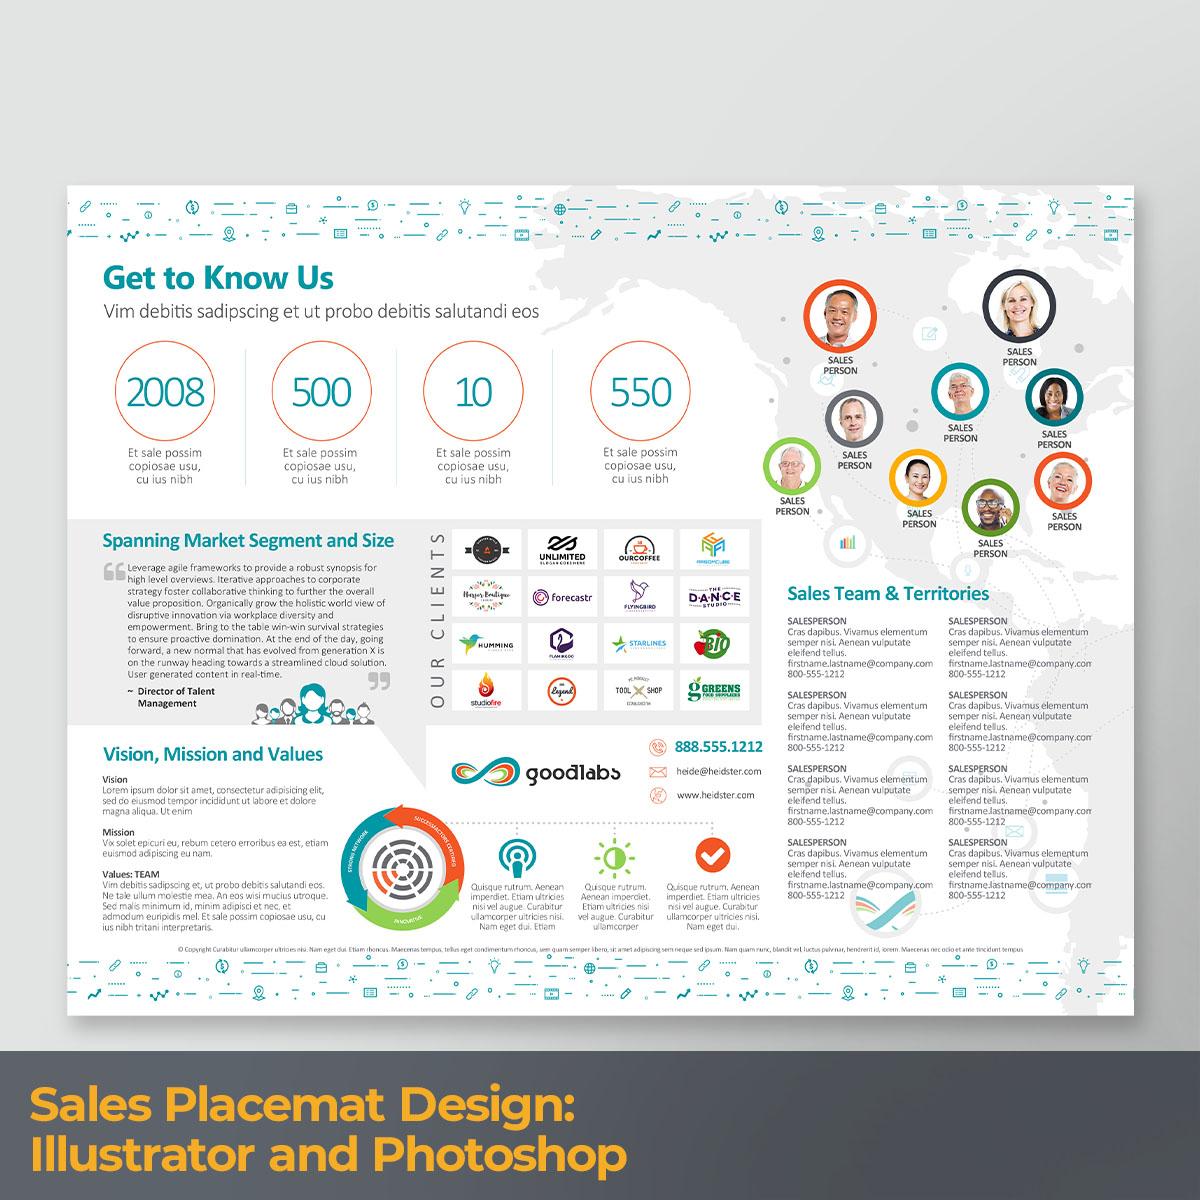 Sales Placemat Design